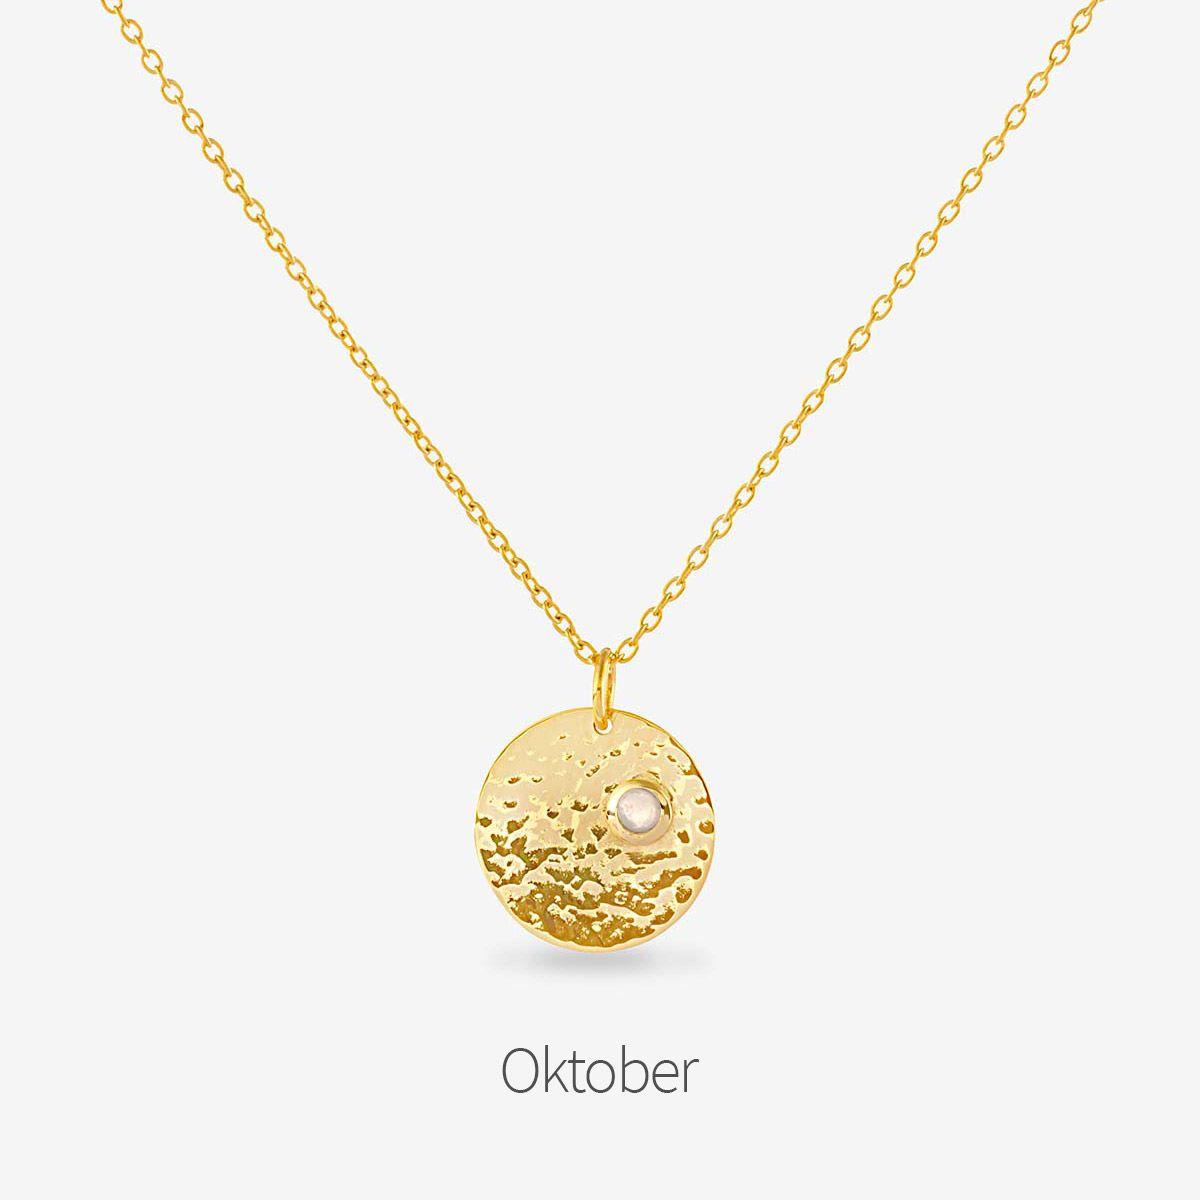 Birthstone October - Halsketten - Gold